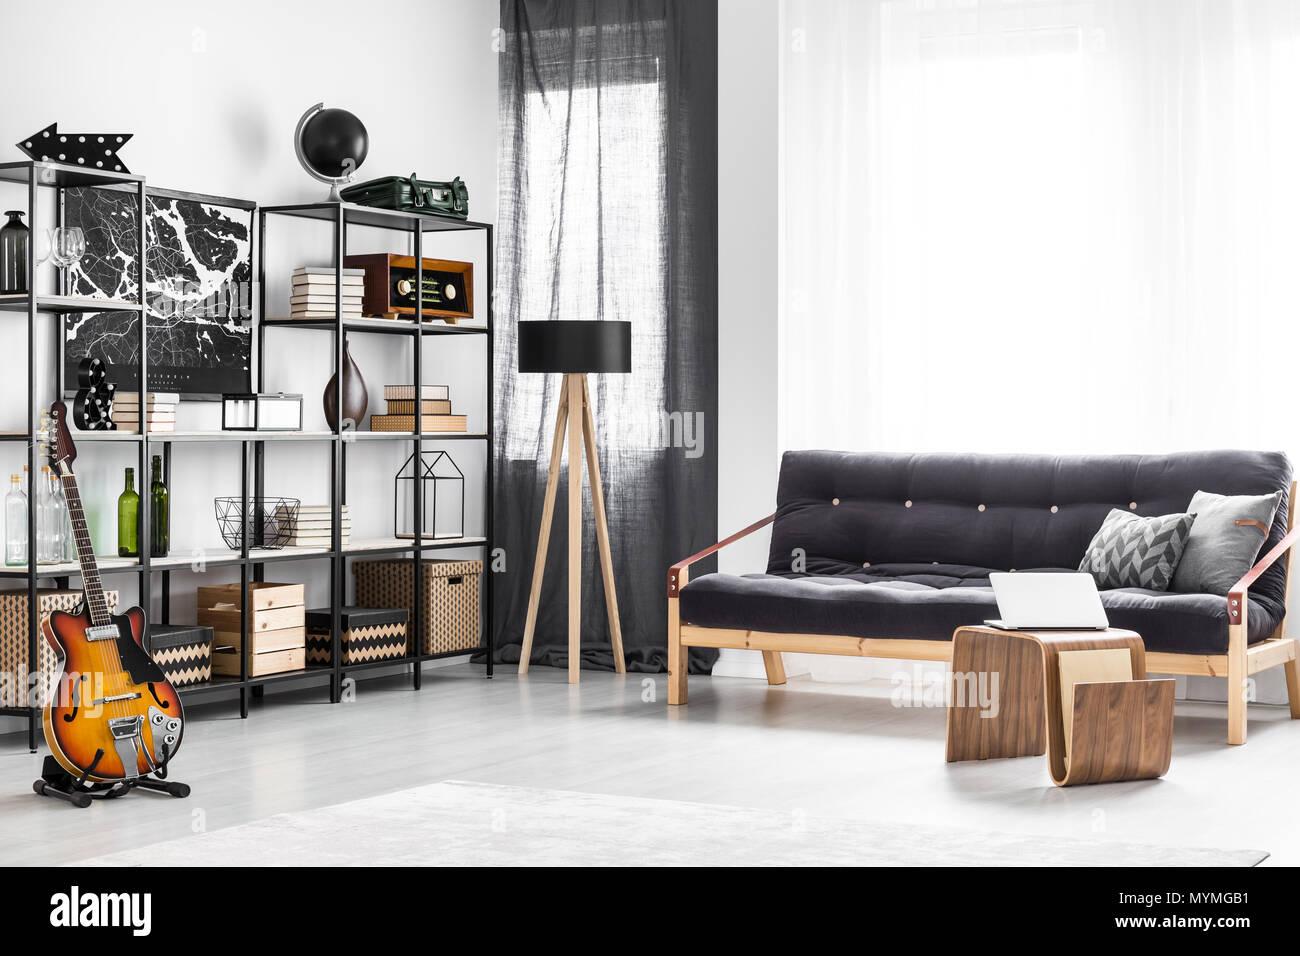 Divano Nero Cuscini : Tavolo in legno nero e divano con cuscini in bright ragazzo sala